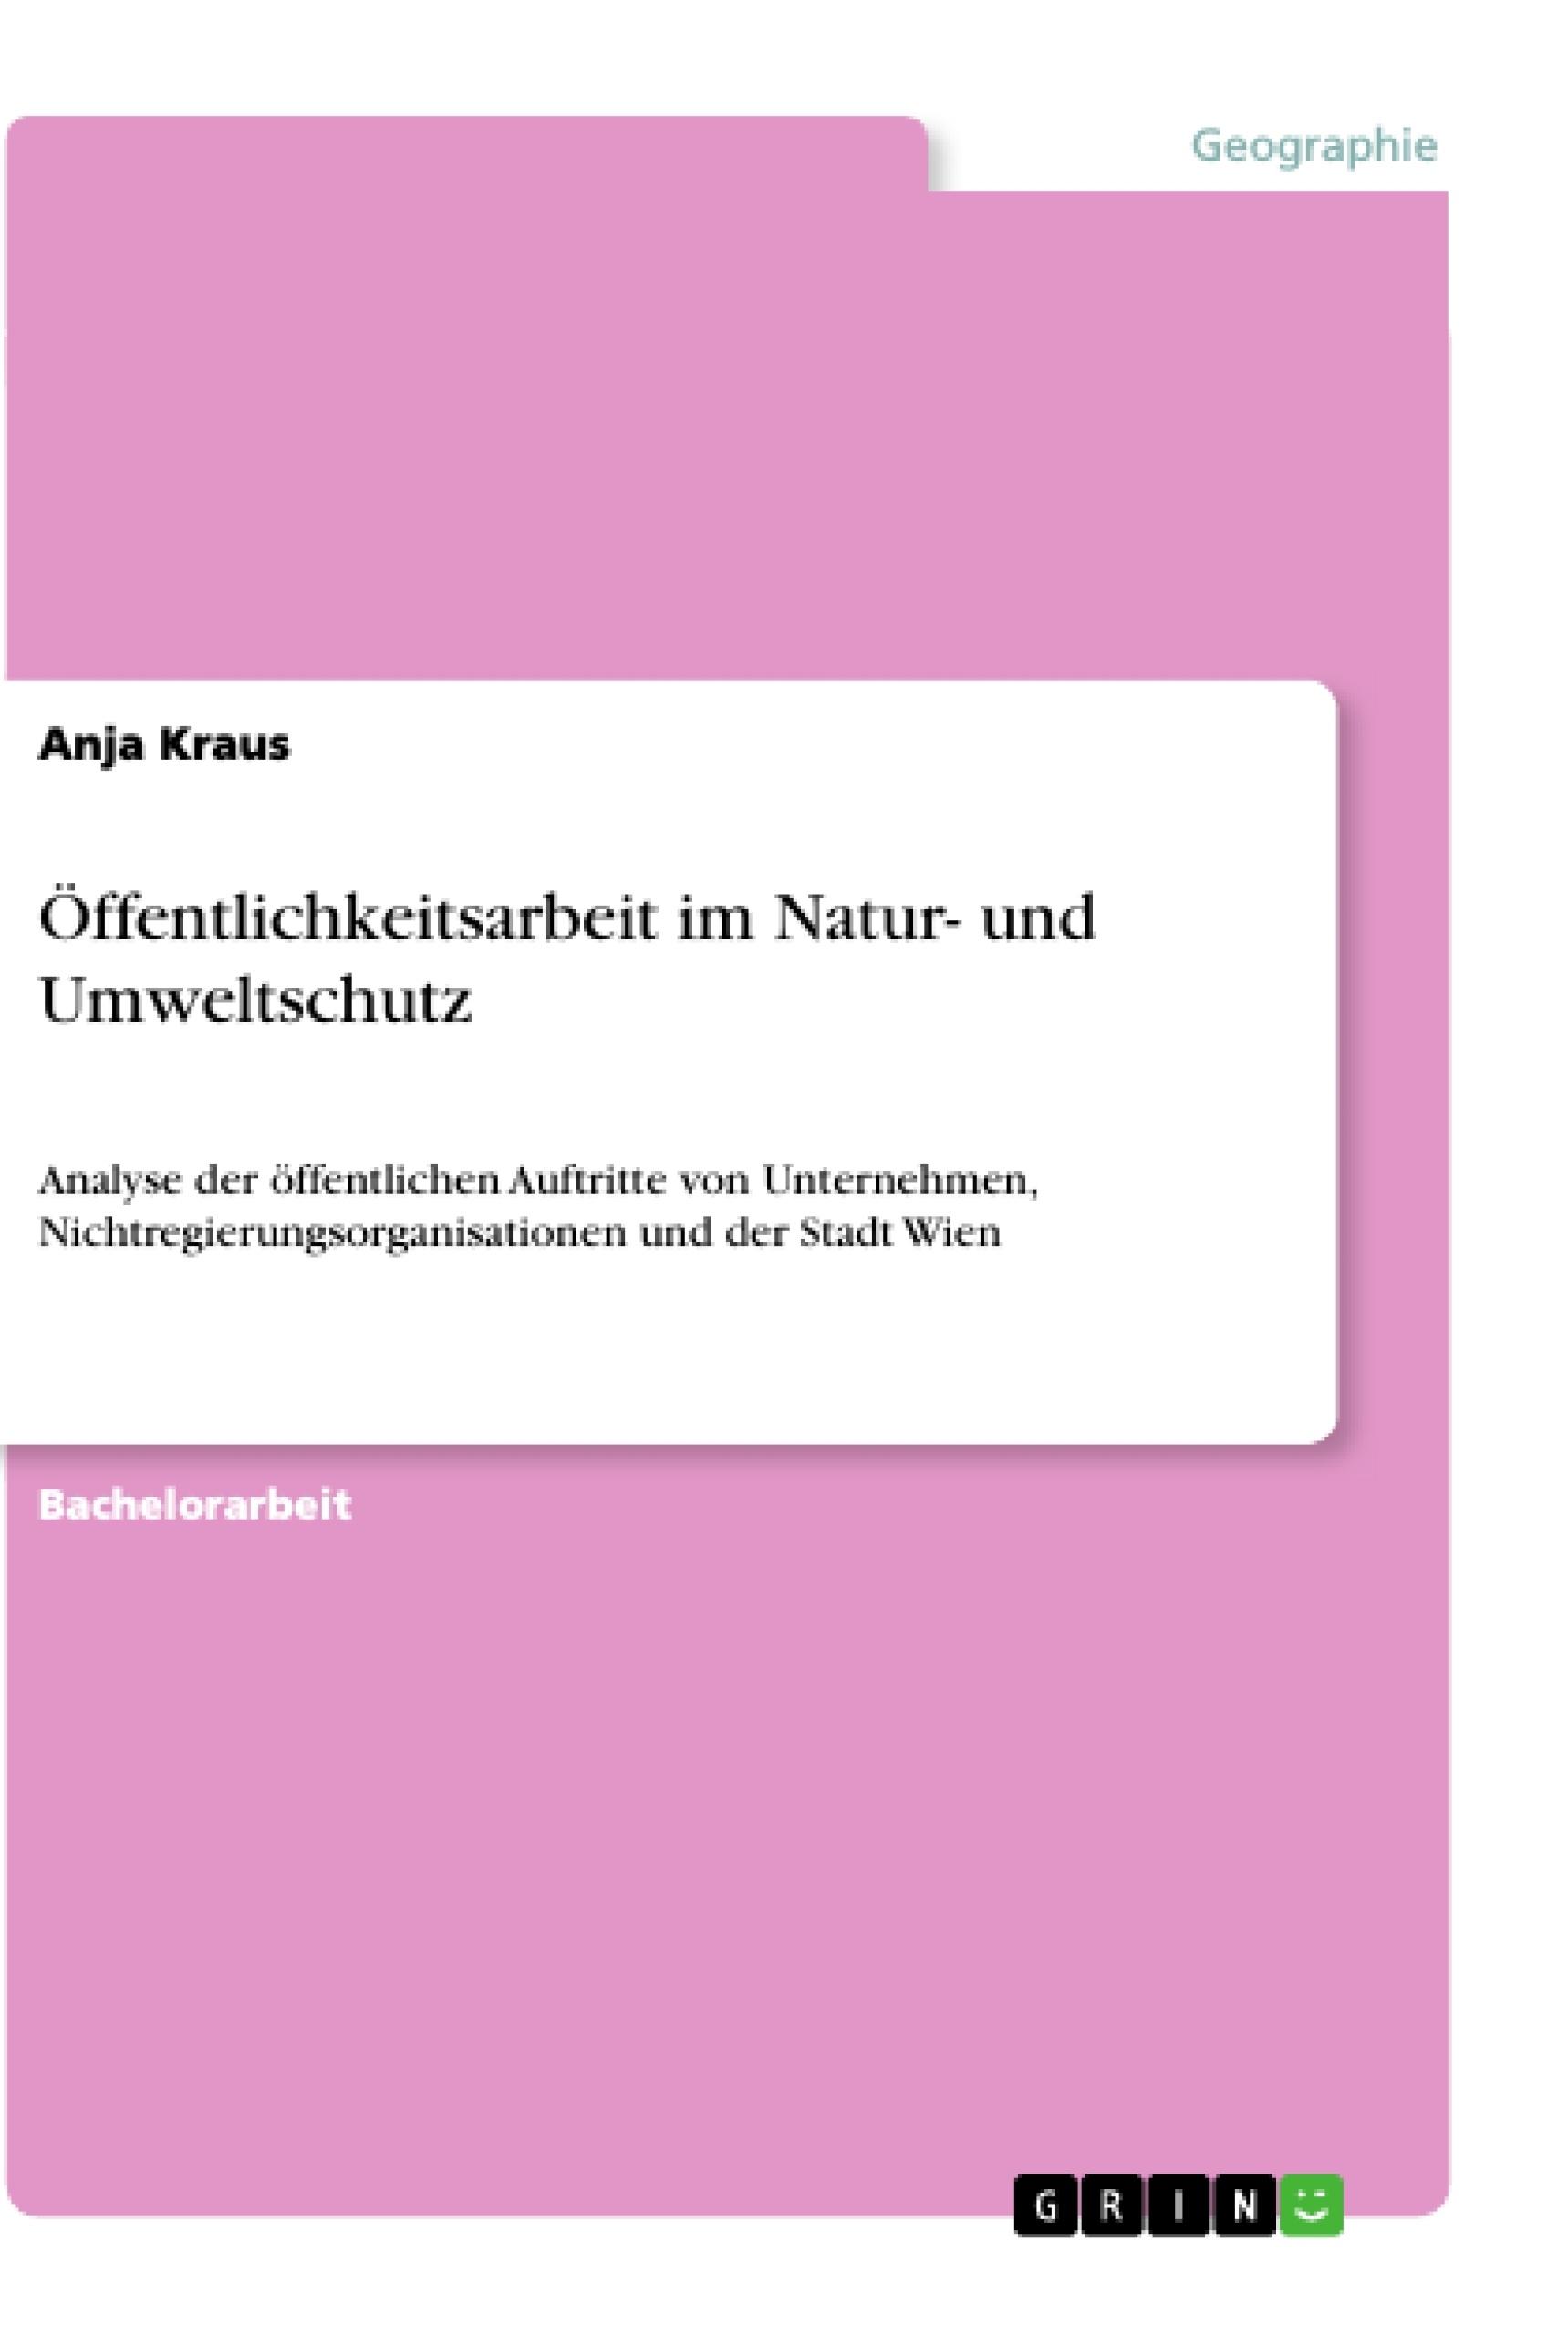 Titel: Öffentlichkeitsarbeit im Natur- und Umweltschutz